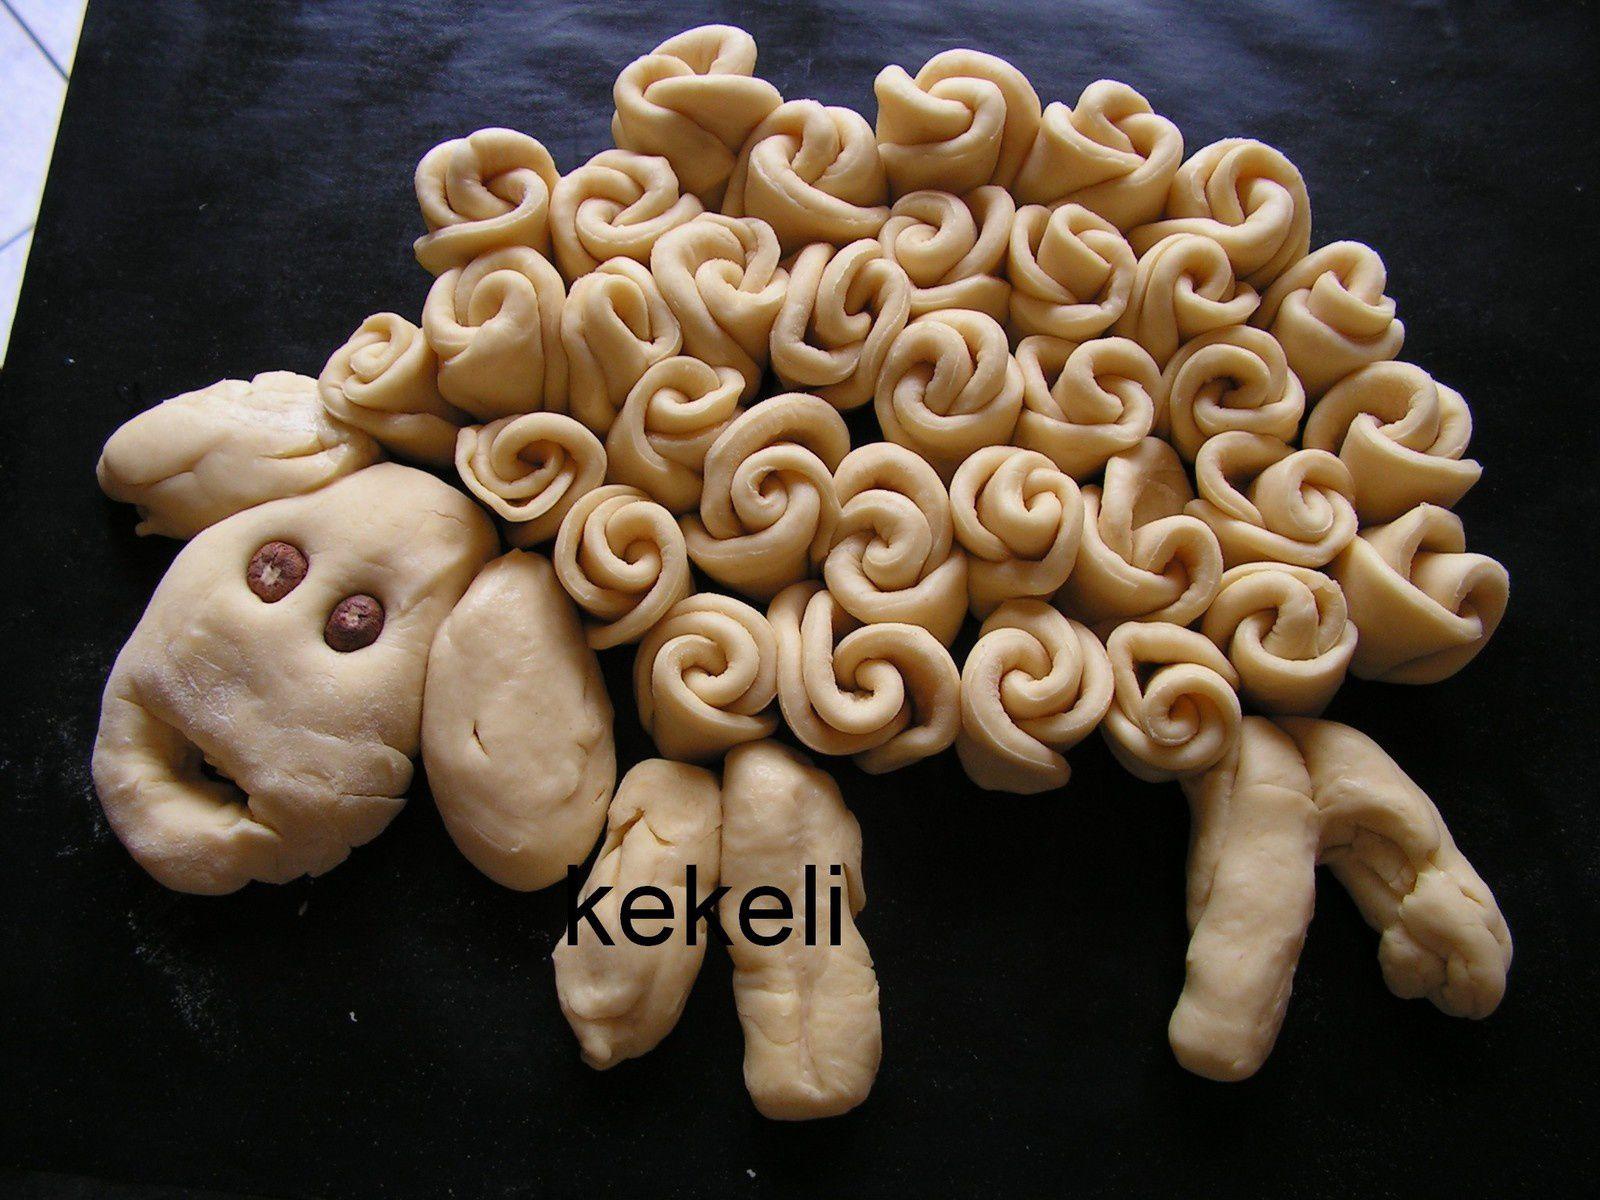 L 39 agneau bouclette le blog de kekeli - Les saints de glace c est quand ...